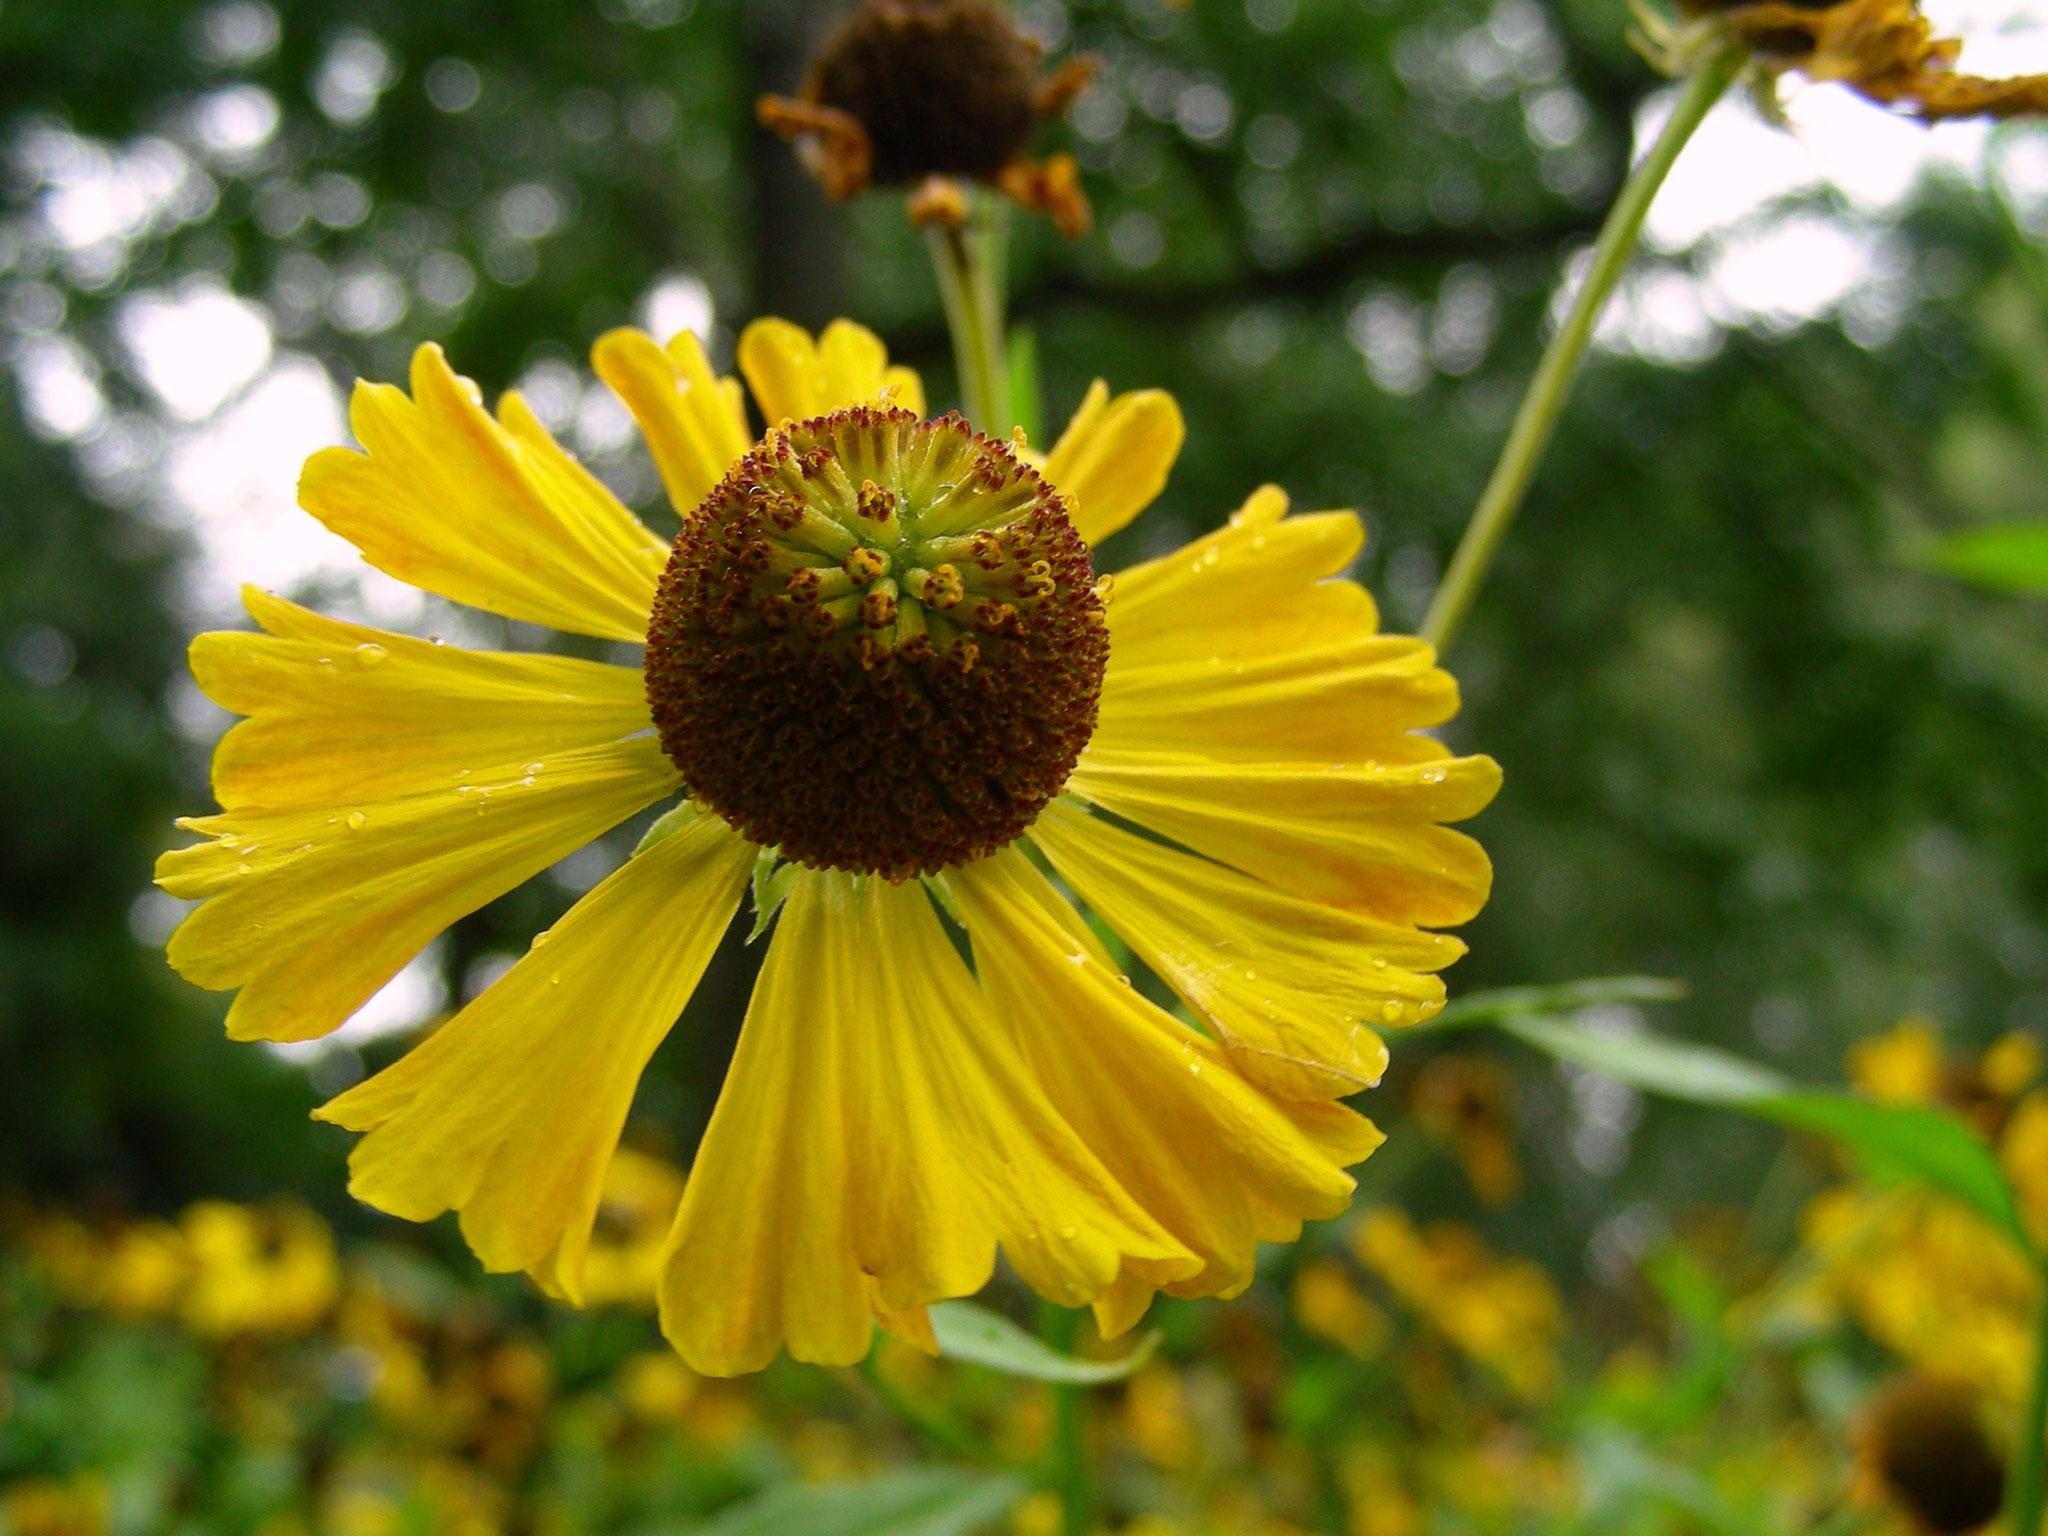 Helenium autumnale - Gewöhnliche Sonnenbraut, Blüte, Seitenansicht